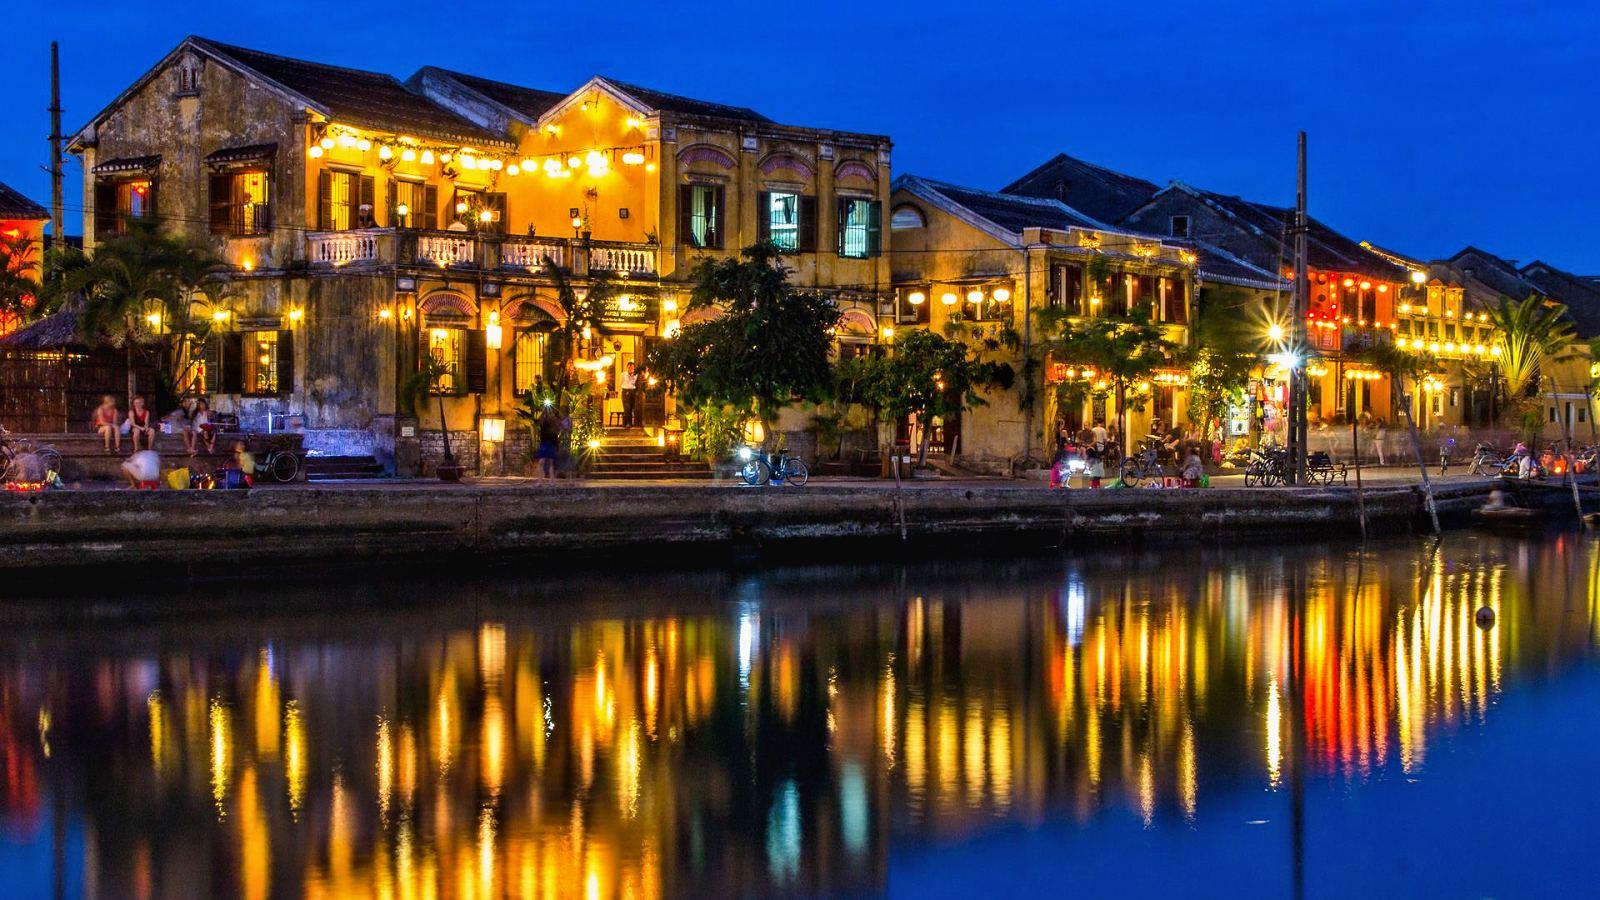 Vietnam 10 - Barevná světýlka v Hoi An a starověký My Son